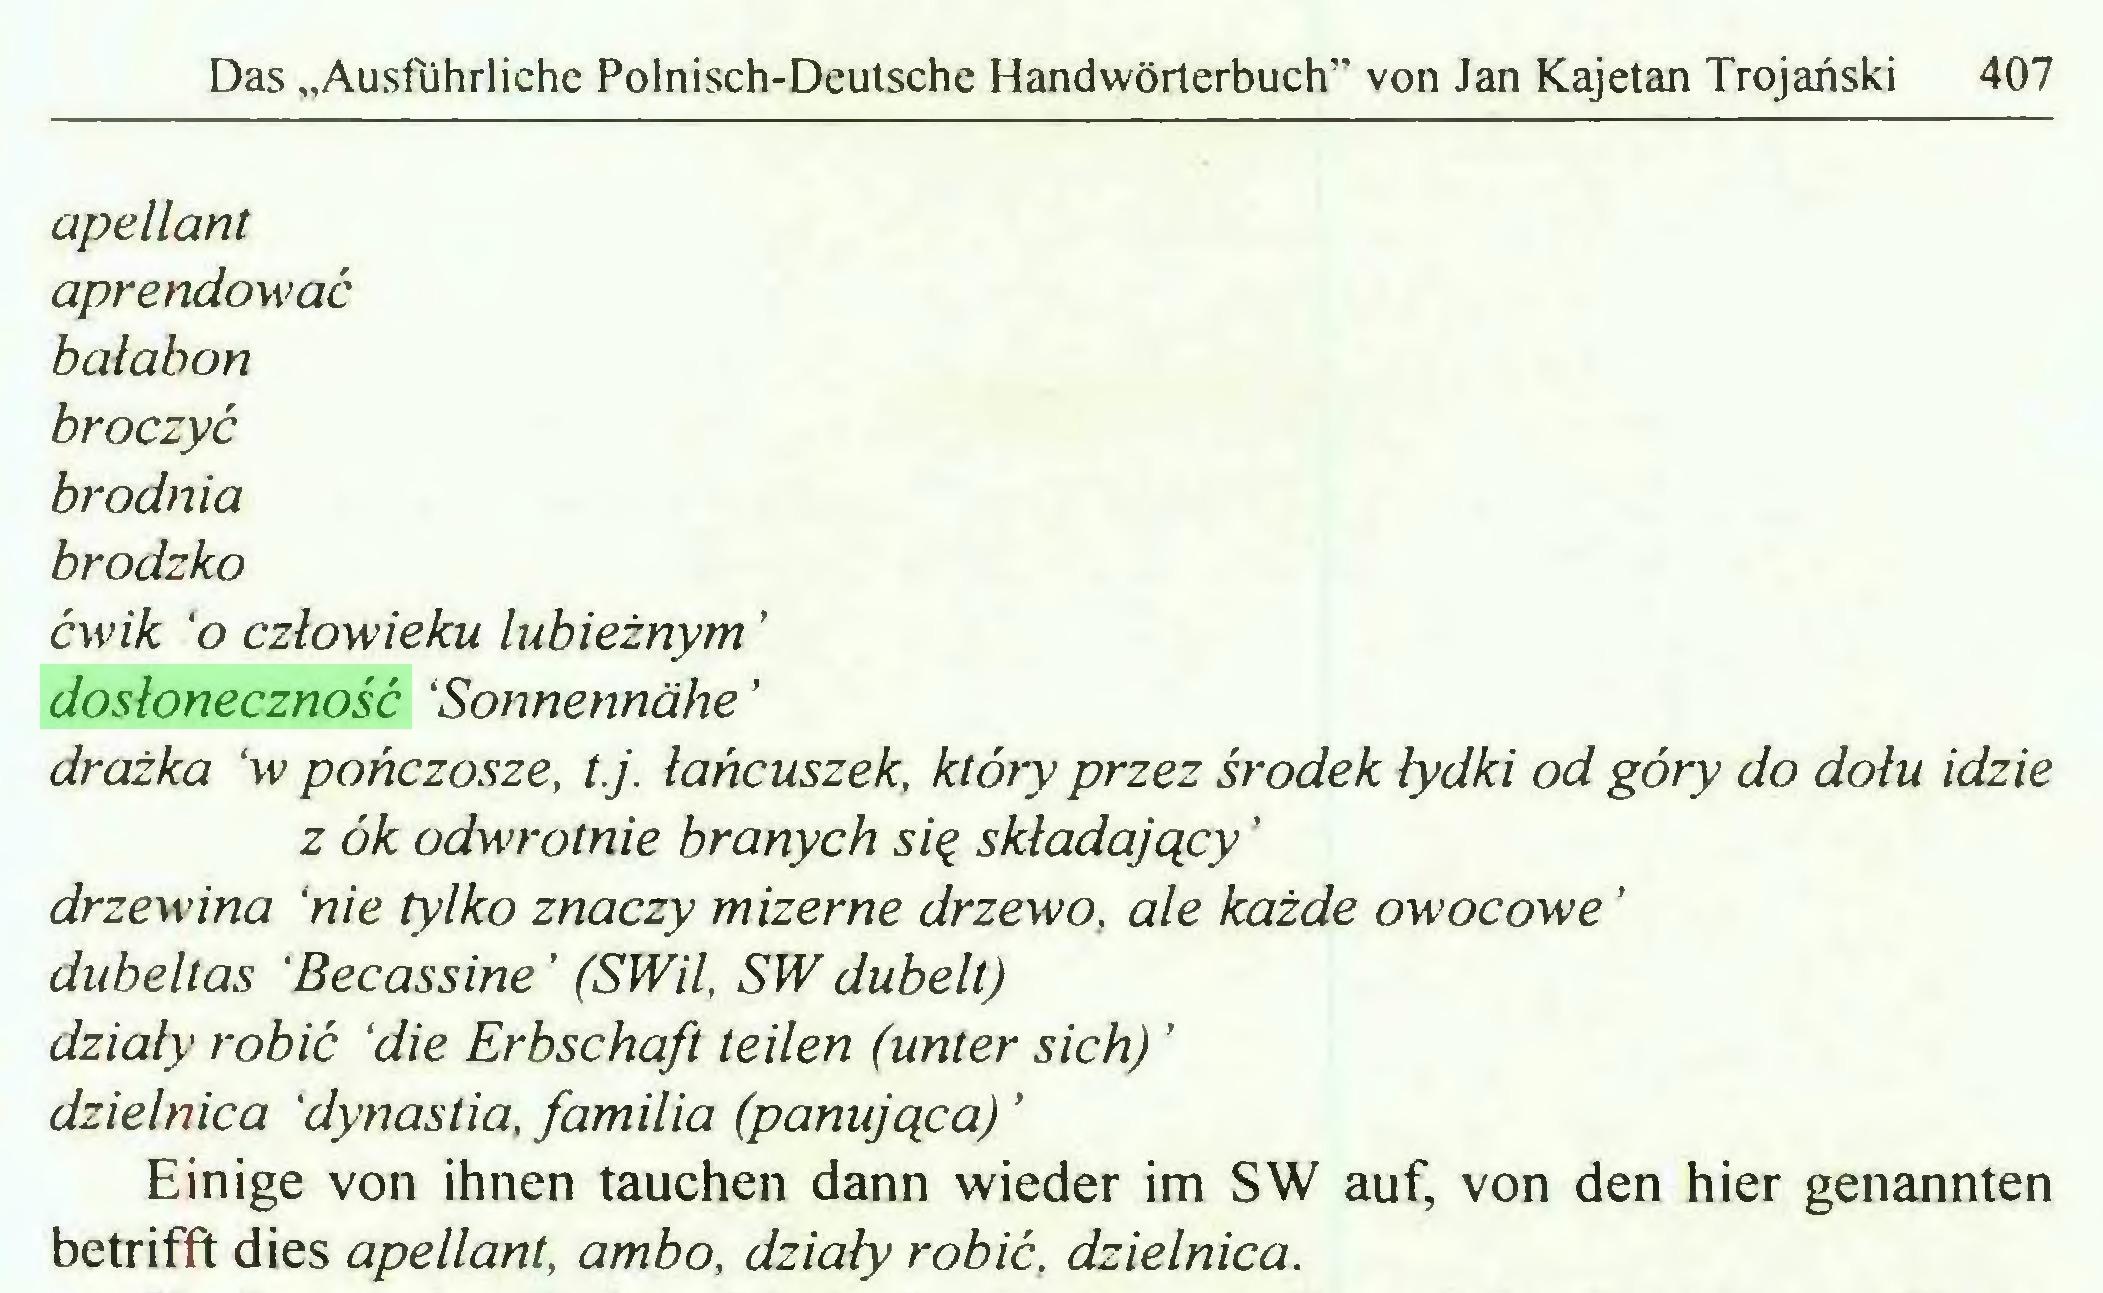 """(...) Das """"Ausführliche Polnisch-Deutsche Handwörterbuch"""" von Jan Kajetan Trojański 407 apellant aprendować bałabon broczyć brodnia brodzko ćwik 'o człowieku lubieżnym ' dosłoneczność 'Sonnennähe ' drażka 'w pończosze, t.j. łańcuszek, który przez środek łydki od góry do dołu idzie z ók odwrotnie branych się składający ' drzewina 'nie tylko znaczy mizerne drzewo, ale każde owocowe ' dubeltas 'Becassine ' (SWil, SW dubelt) działy robić 'die Erbschaft teilen (unter sich) ' dzielnica 'dynastia, familia (panująca) ' Einige von ihnen tauchen dann wieder im SW auf, von den hier genannten betrifft dies apellant, ambo, działy robić, dzielnica..."""